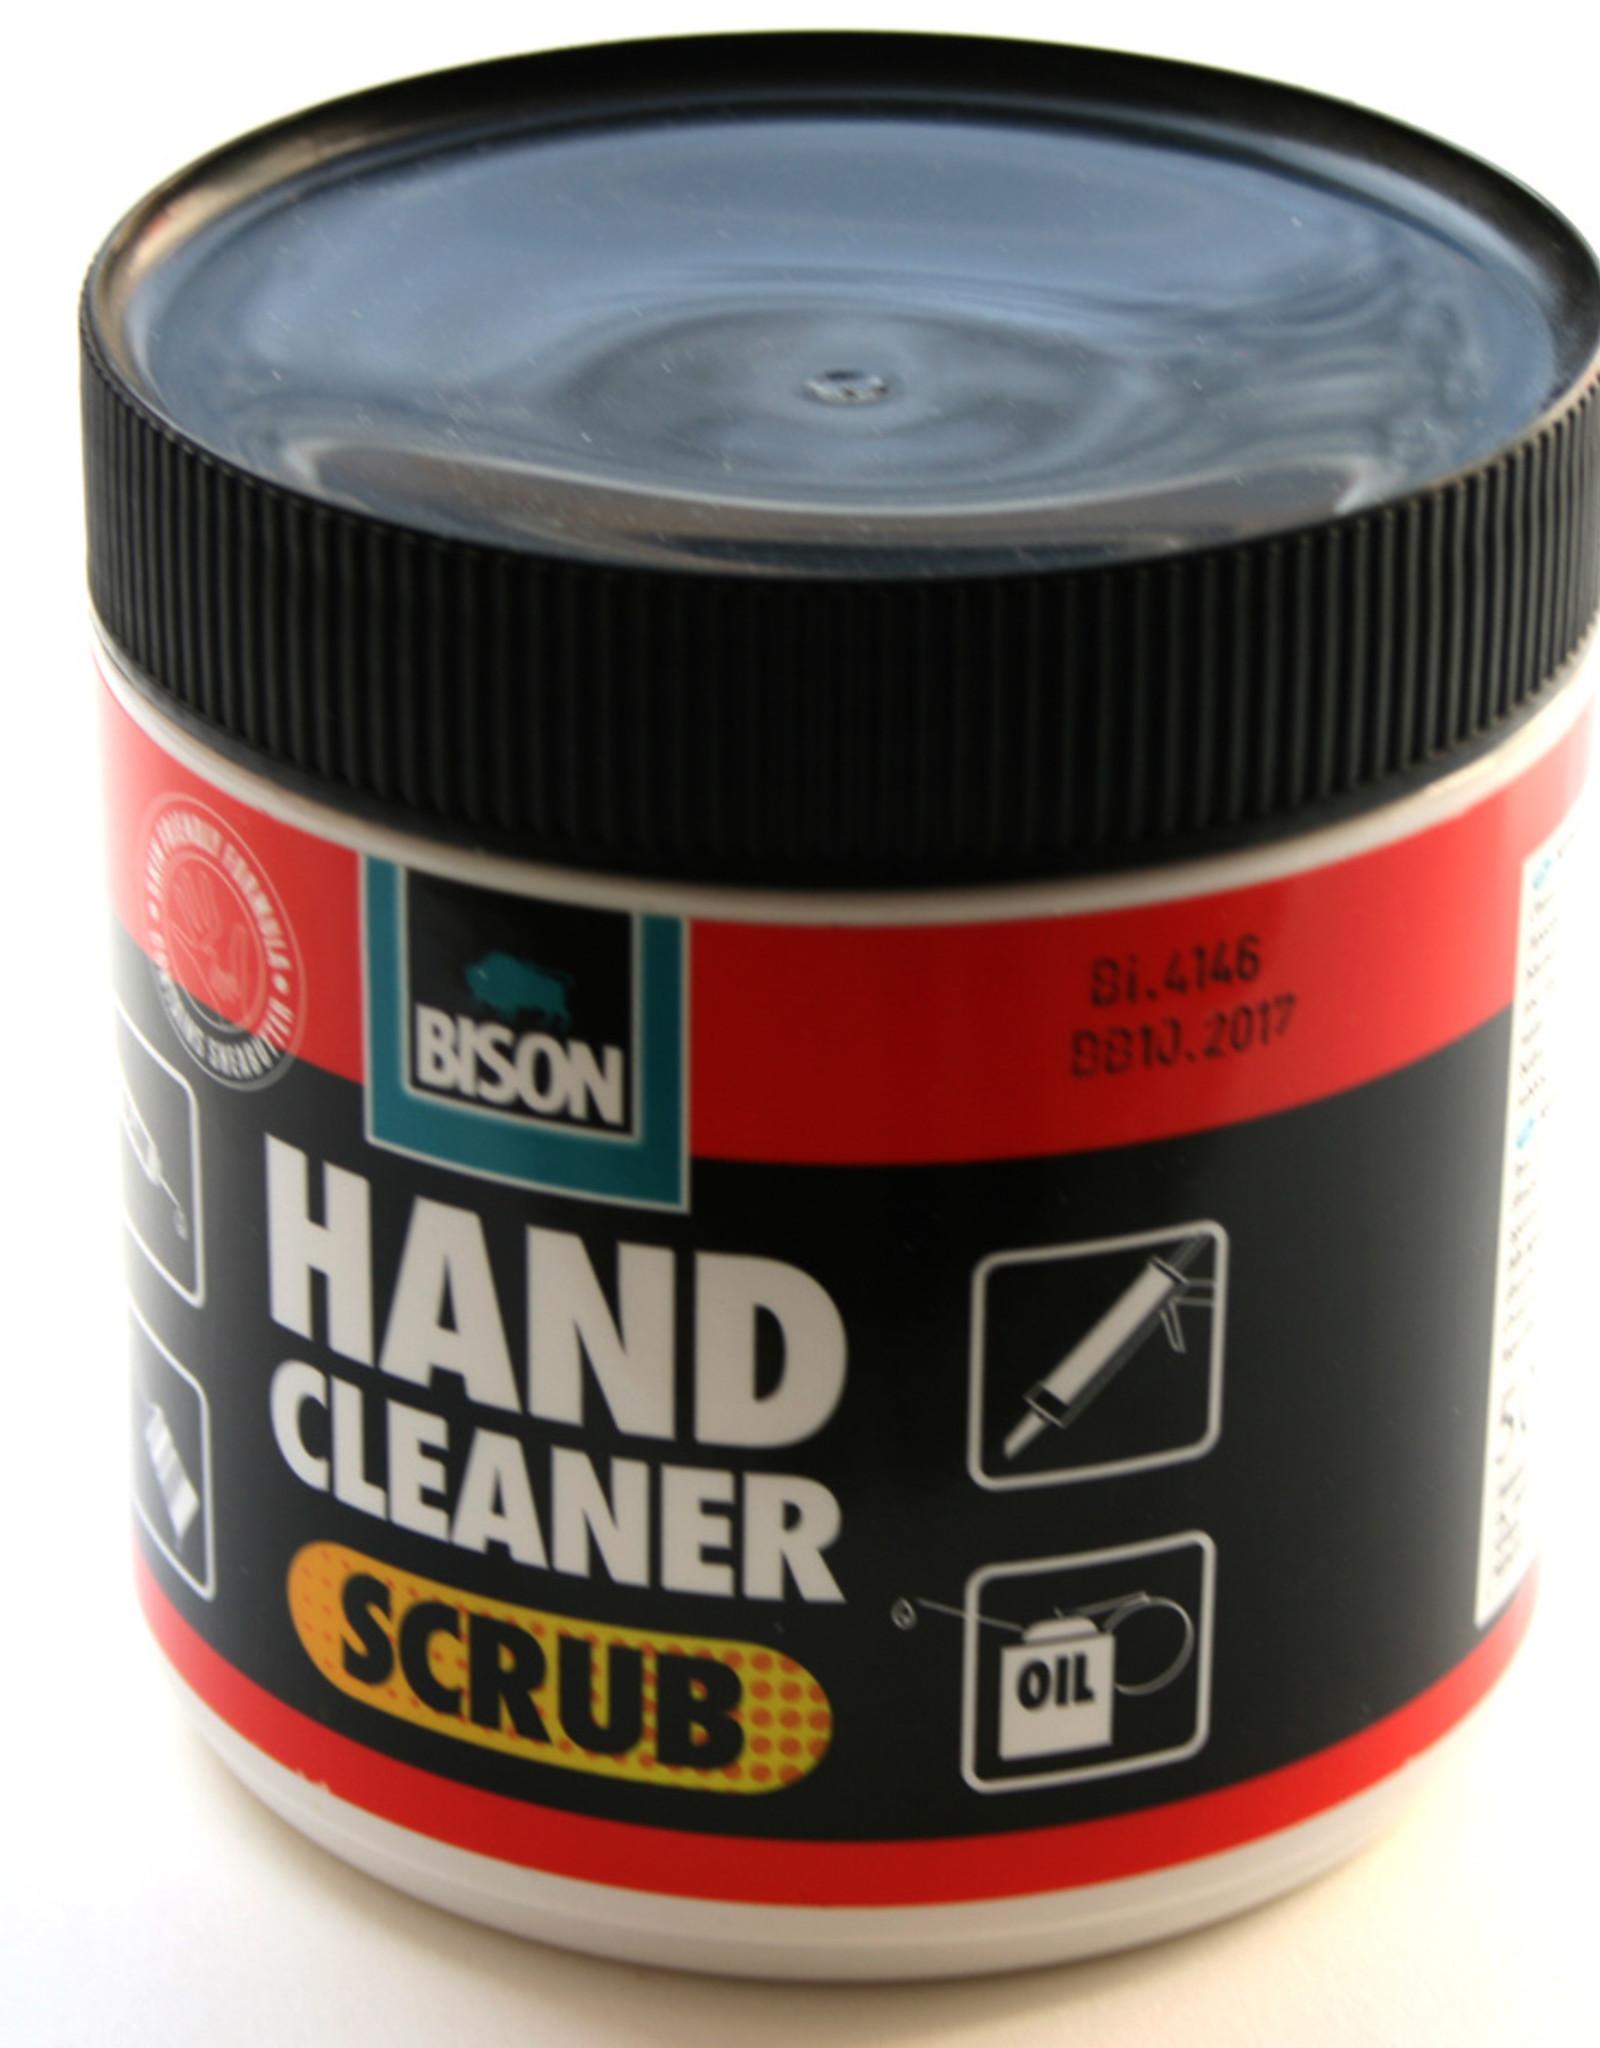 Bison Bekende garagezeep die de zwartste en vetste vlekken uit je handen wast terwijl het vriendelijk is voor de huid. Garage Zeep/ Hand Cleaner Scrub Bison 400 ml Cremekleurig met fijne korrel